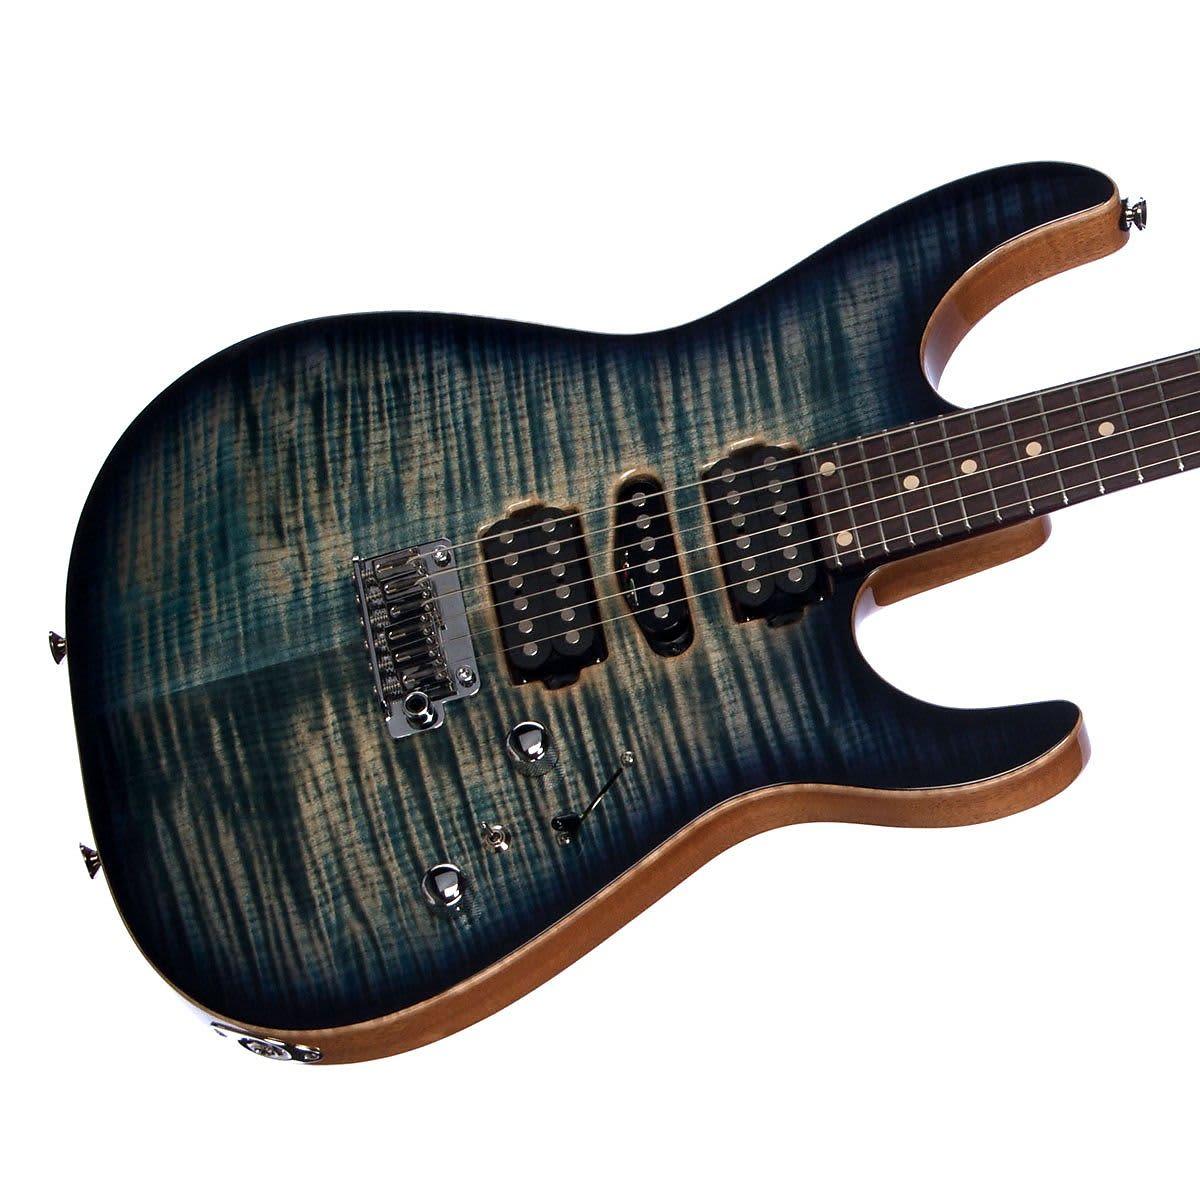 tom anderson angel 24 fret custom boutique electric guitar reverb. Black Bedroom Furniture Sets. Home Design Ideas